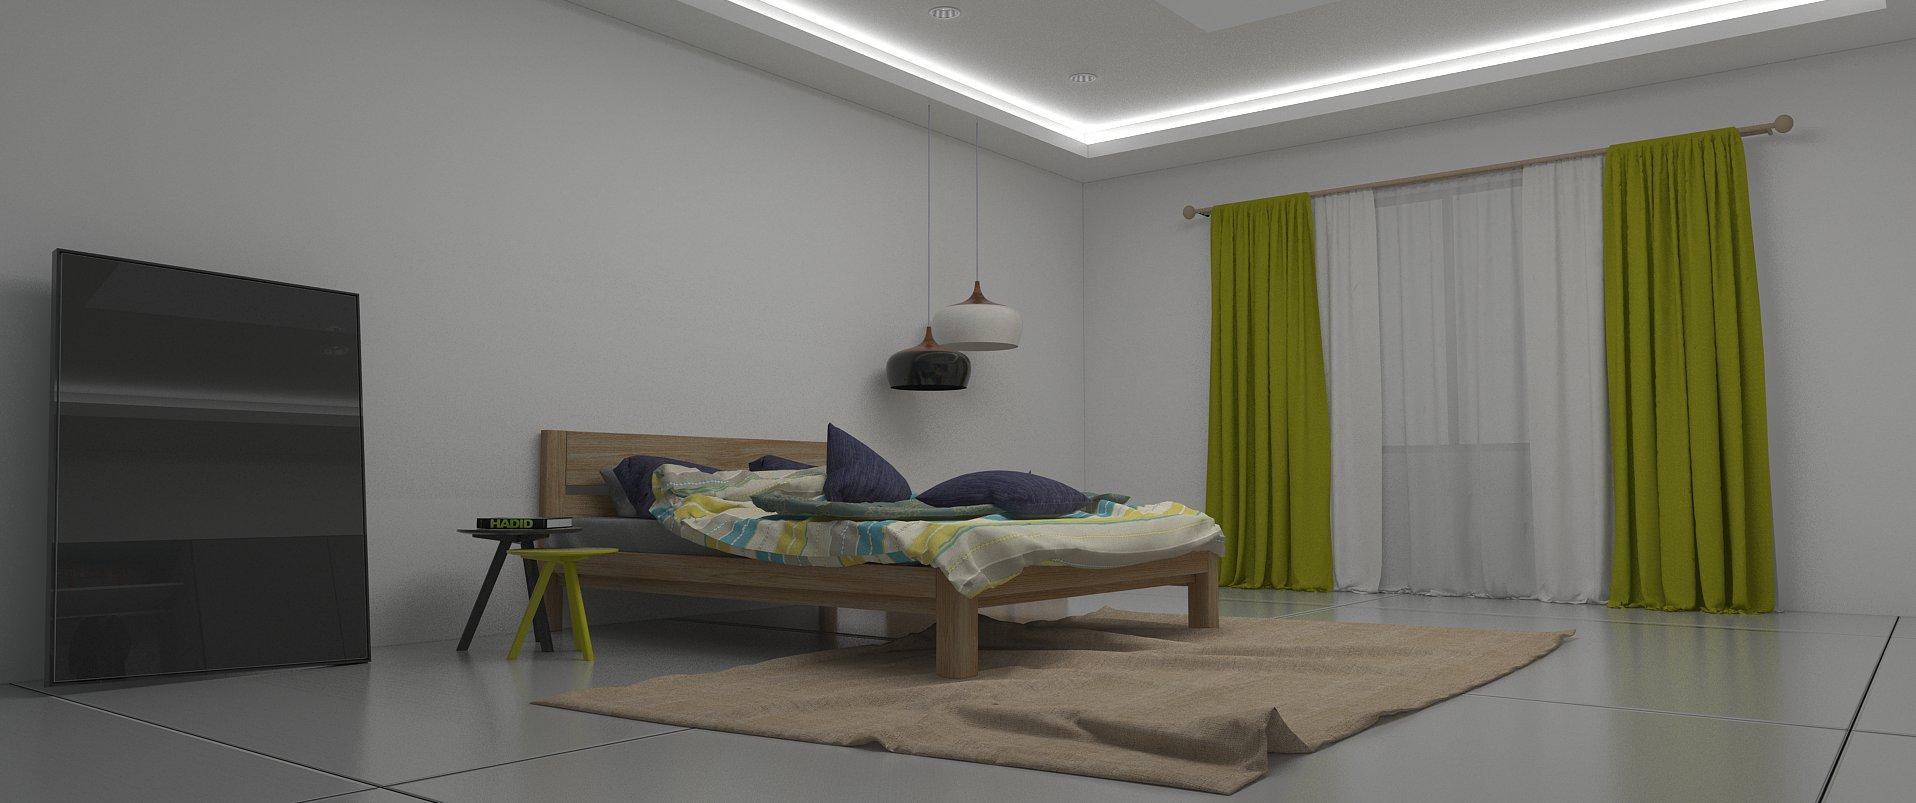 Dormitorio con estilo decoramildecoramil - Dormitorios con estilo ...